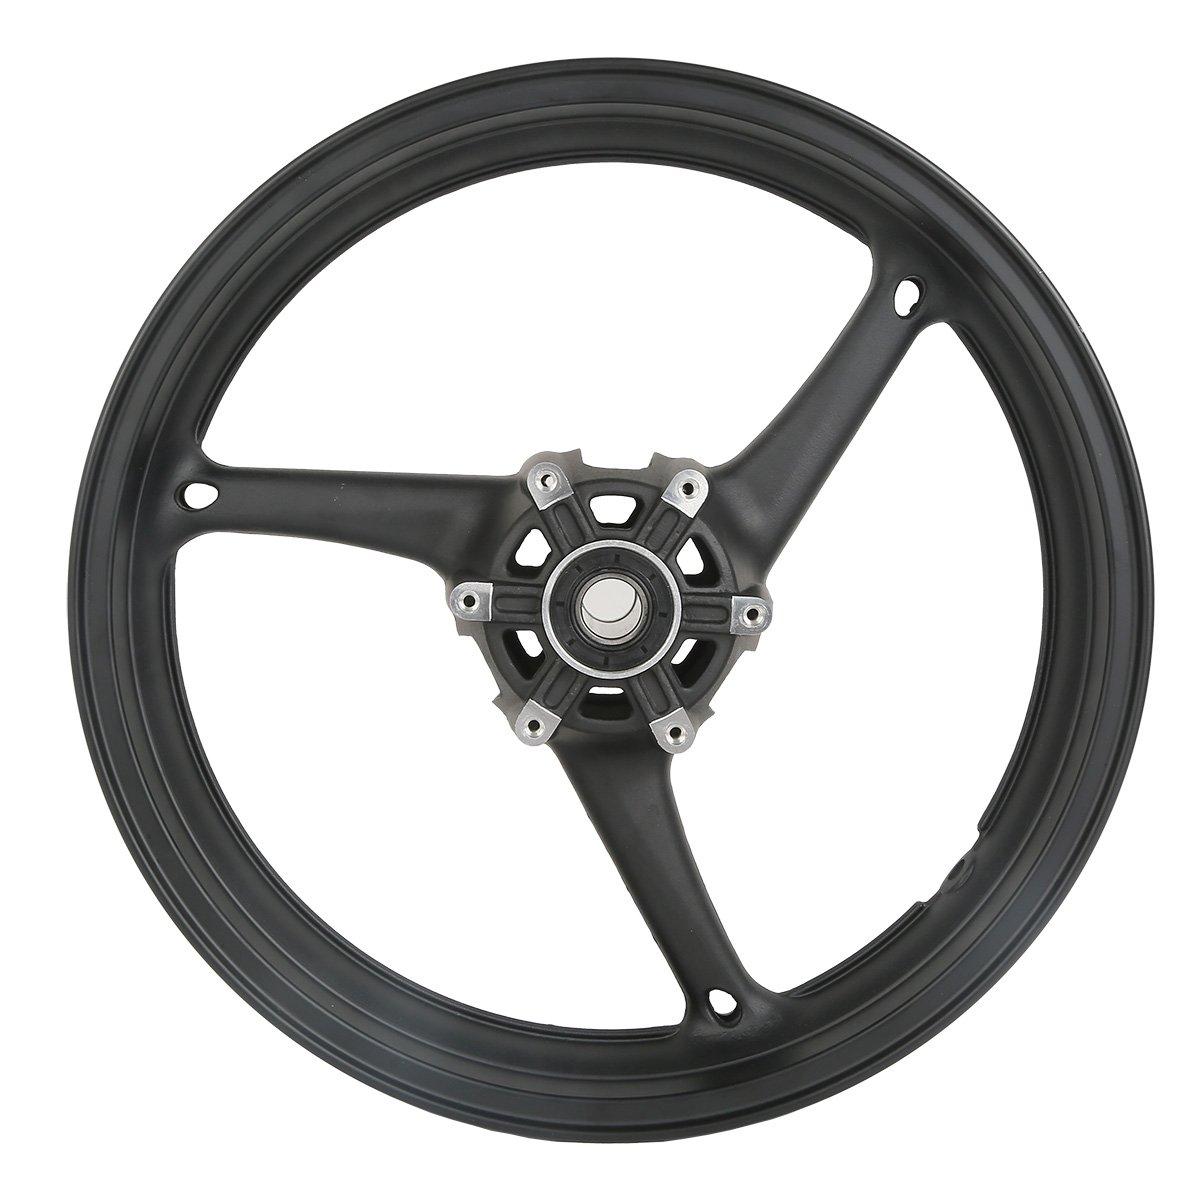 XMT-MOTO Front Wheel Rim Hub For Suzuki GSXR 600 750 2008 2009 2010 K8 GSX-R 1000 2009 2010 2011 K9